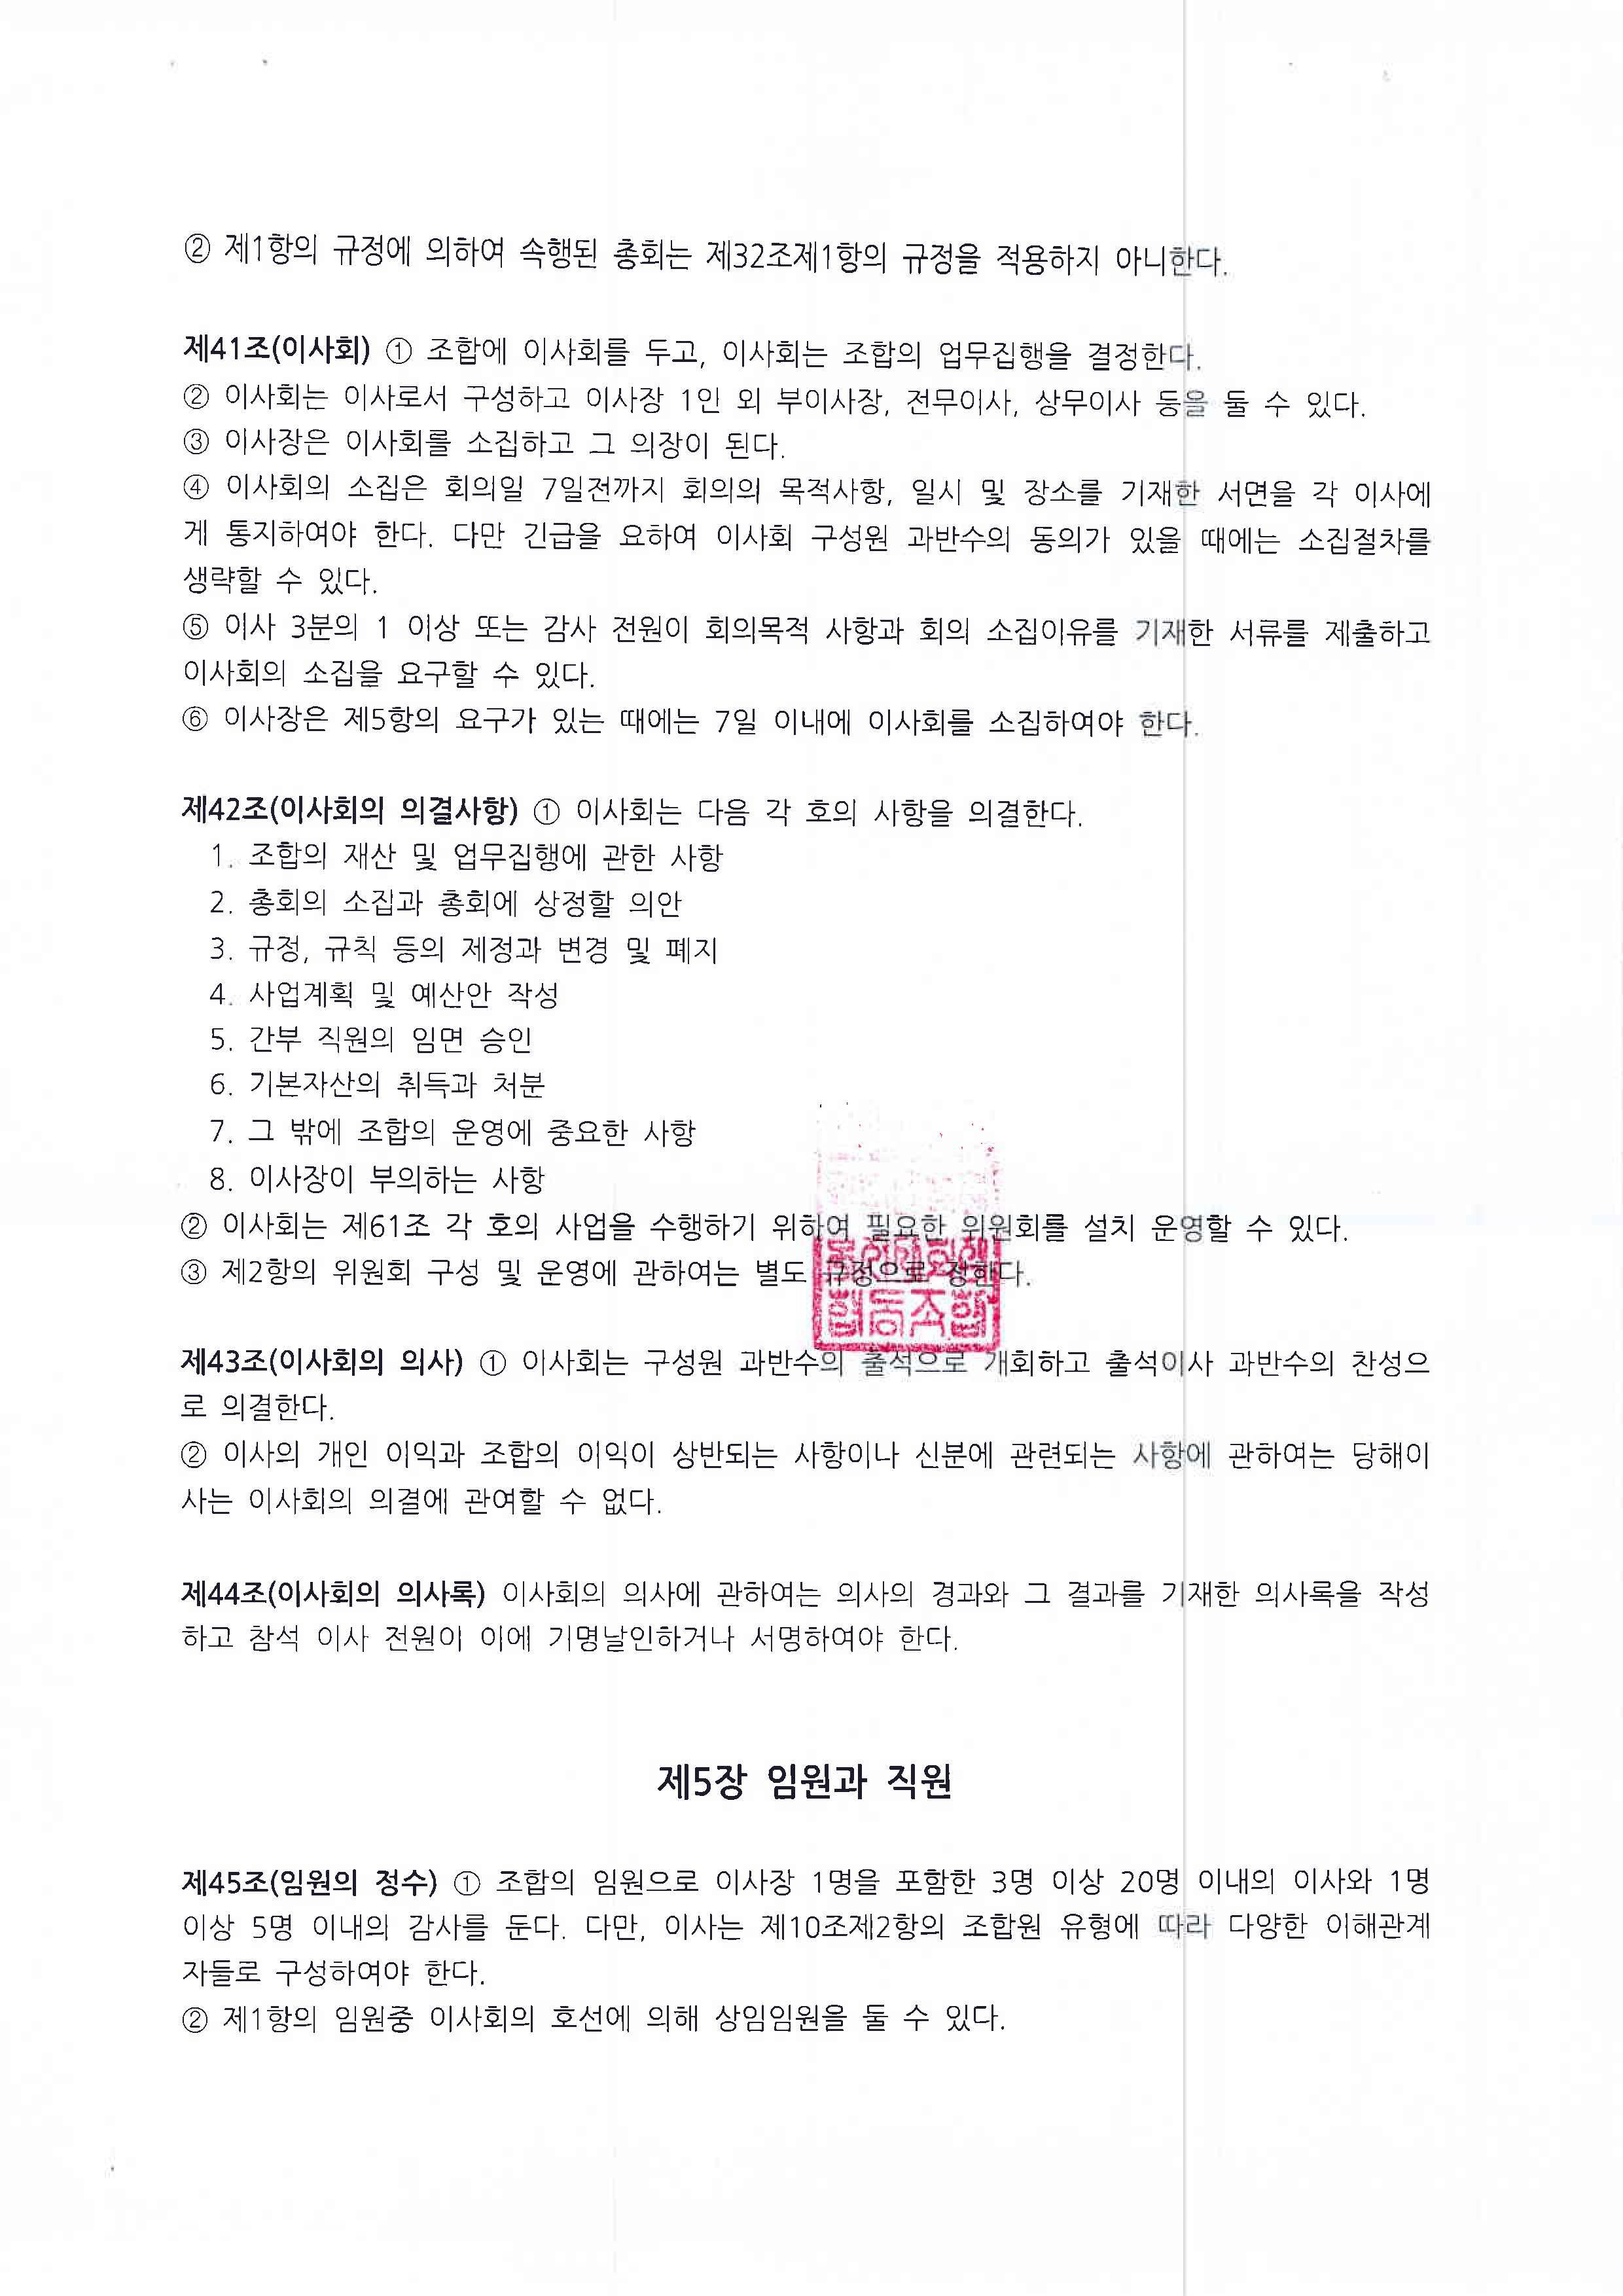 정관(20차 총회 개정안 반영)-원본대조필_페이지_10.jpg